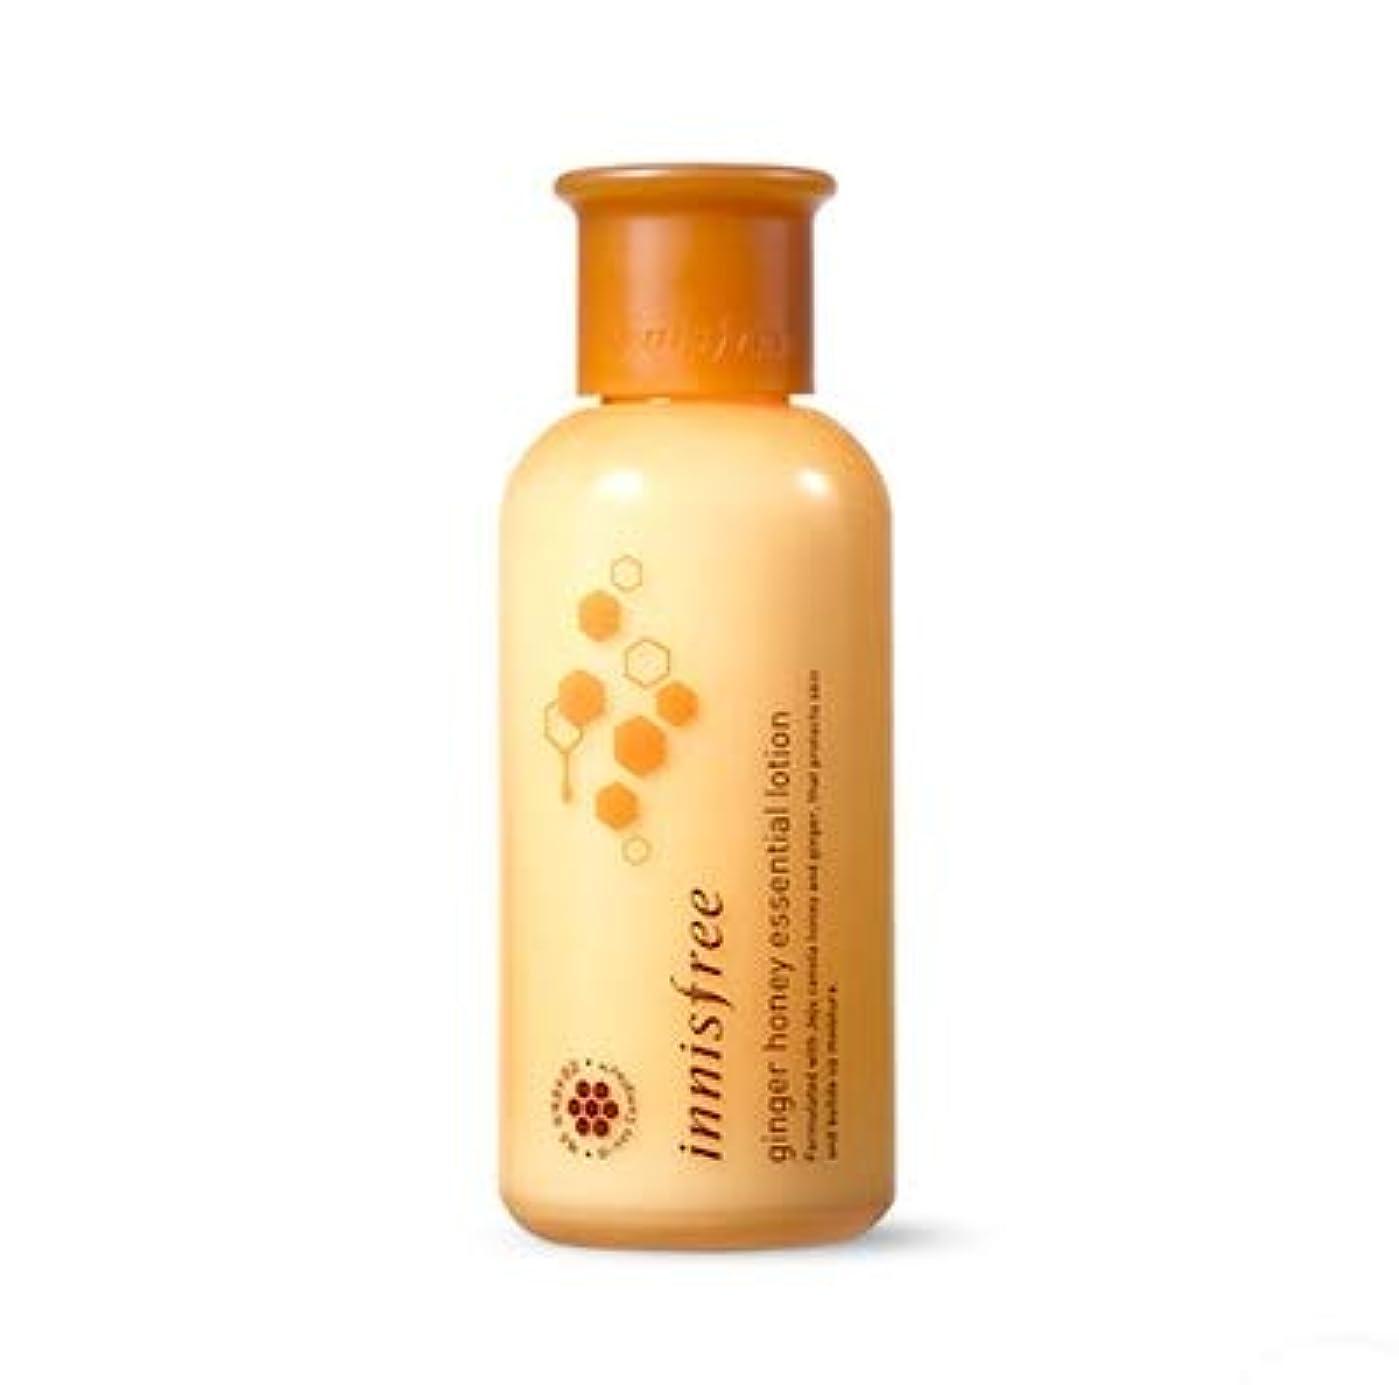 ロシア自体近代化INNISFREE Ginger Honey Essential Lotion イニスフリー ジンジャー ハニー エッセンシャル ローション 160ml [並行輸入品]